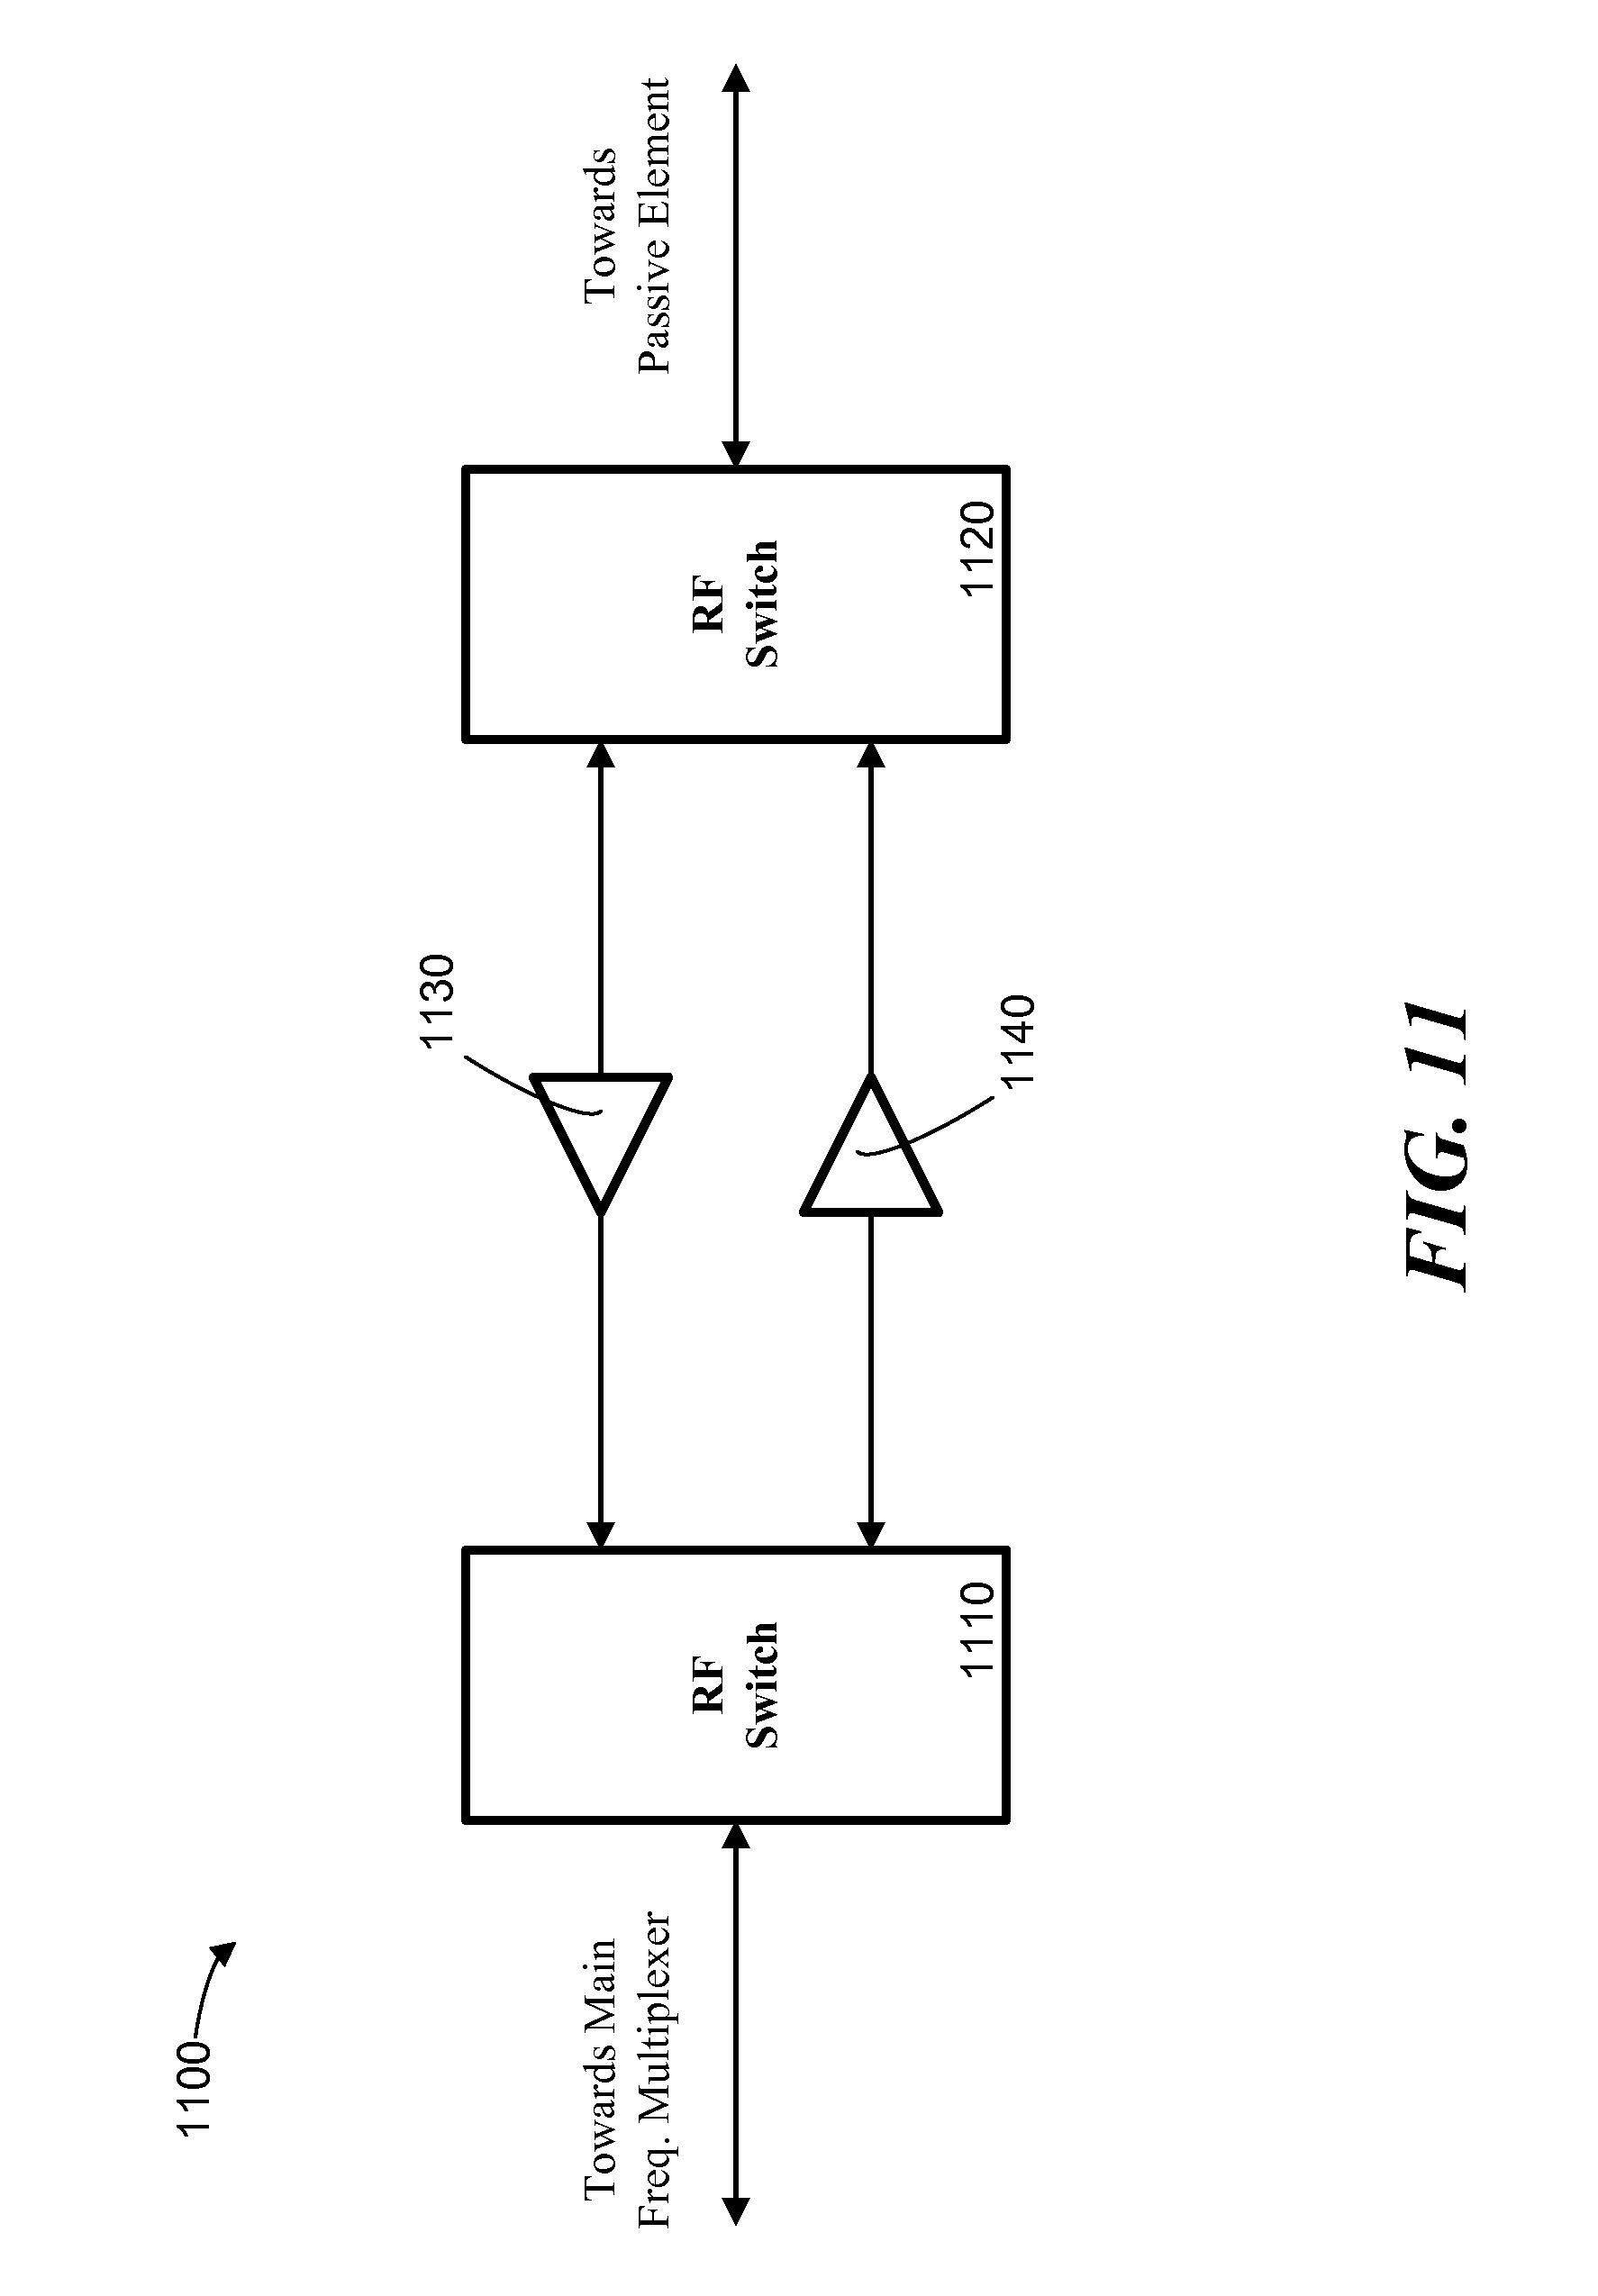 patent us8121646